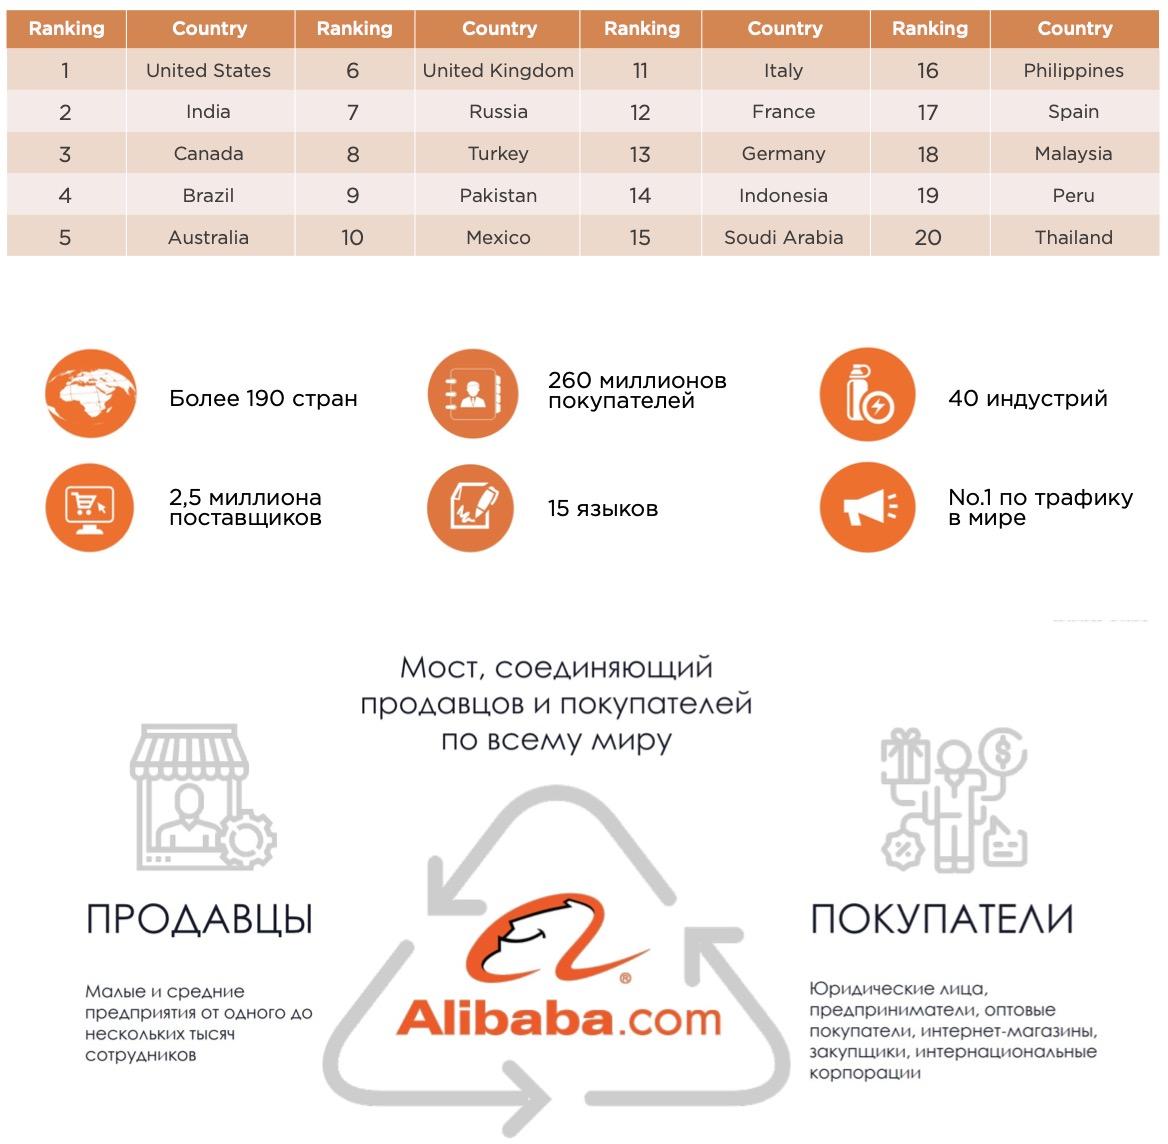 Мы выведем продукцию Вашей компании на крупнейшую международную торговую платформу ALIBABA.COM с возможностью торговли в 200 стран мира.